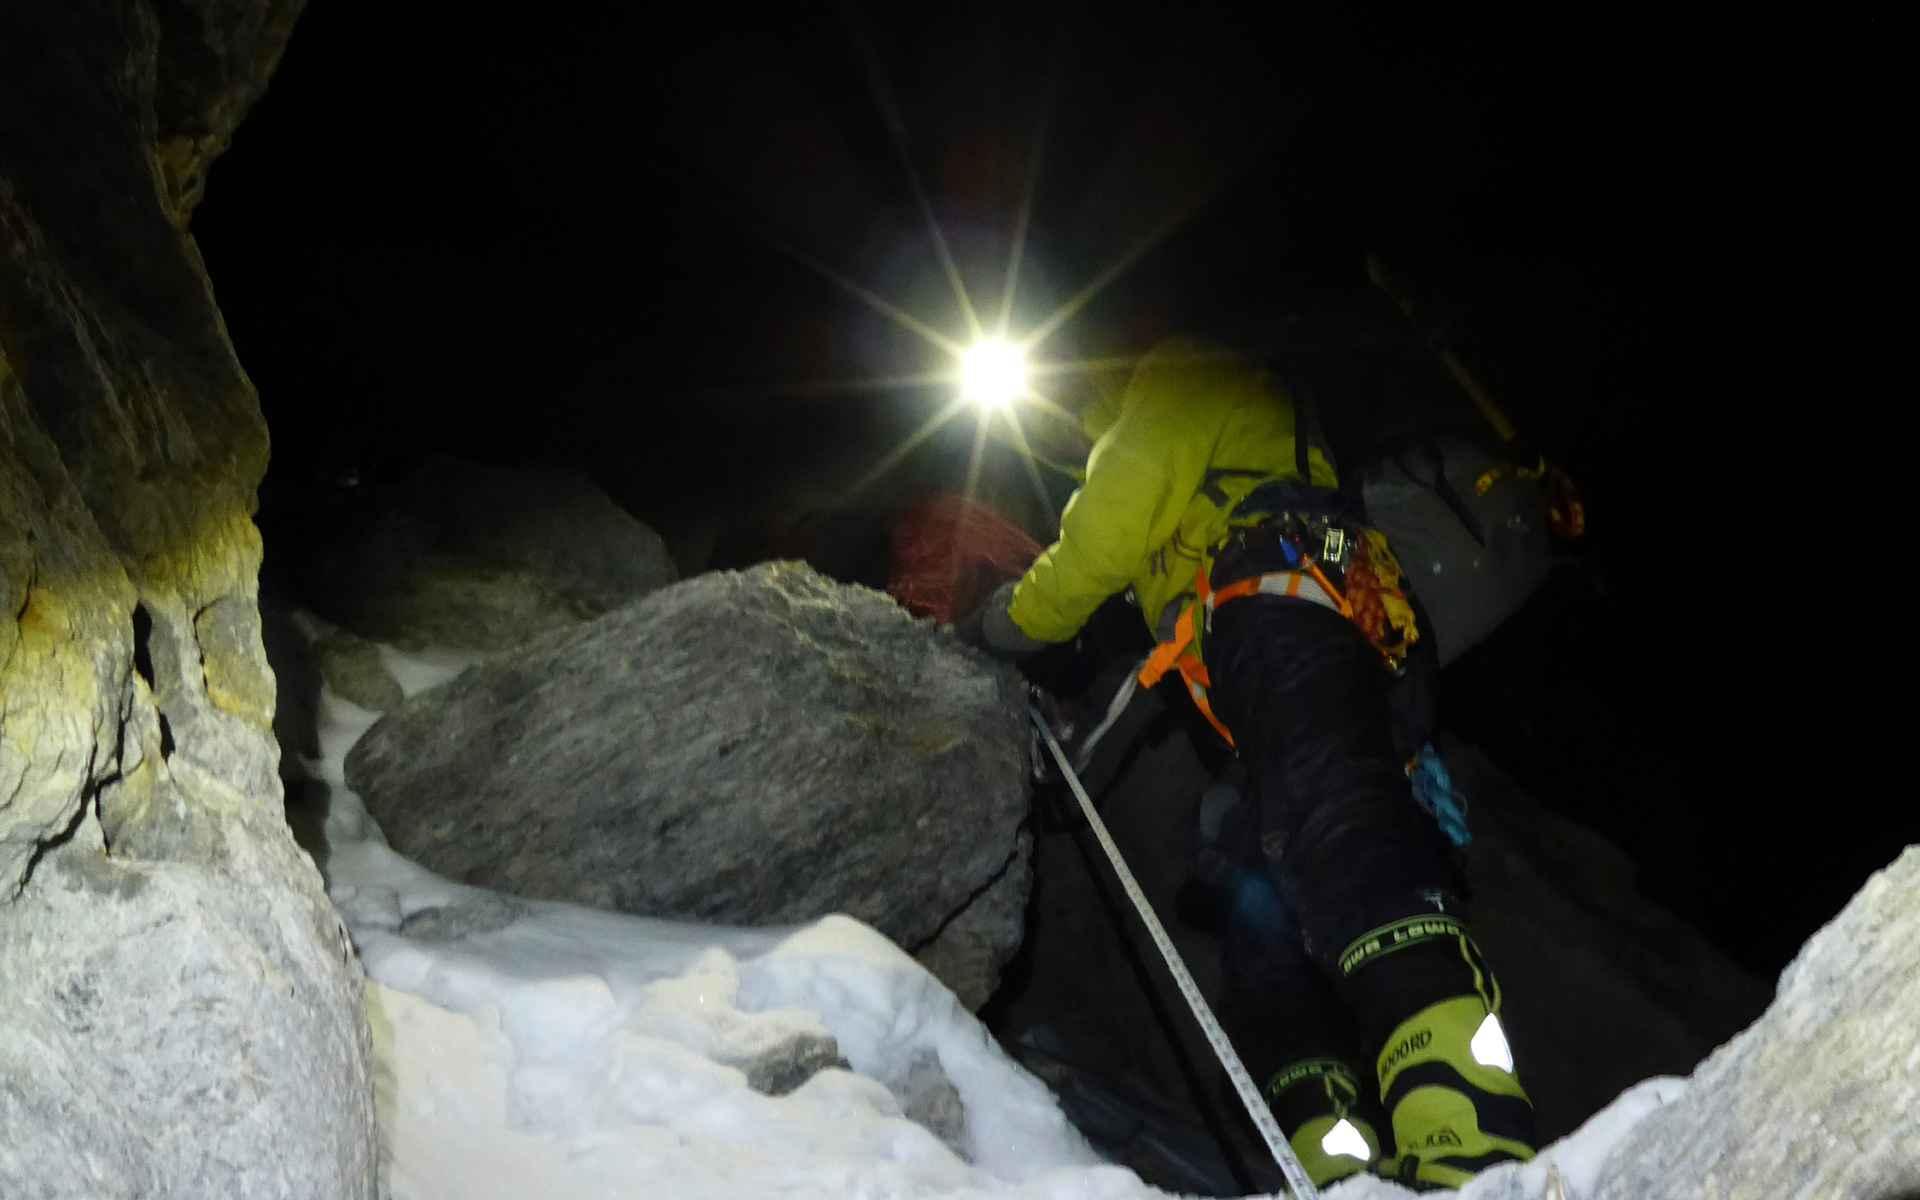 In het licht van onze hoofdlampen bereiken we de westelijke bergkam van de top en beginnen we in het rotsachtige terrein aan onze klim.